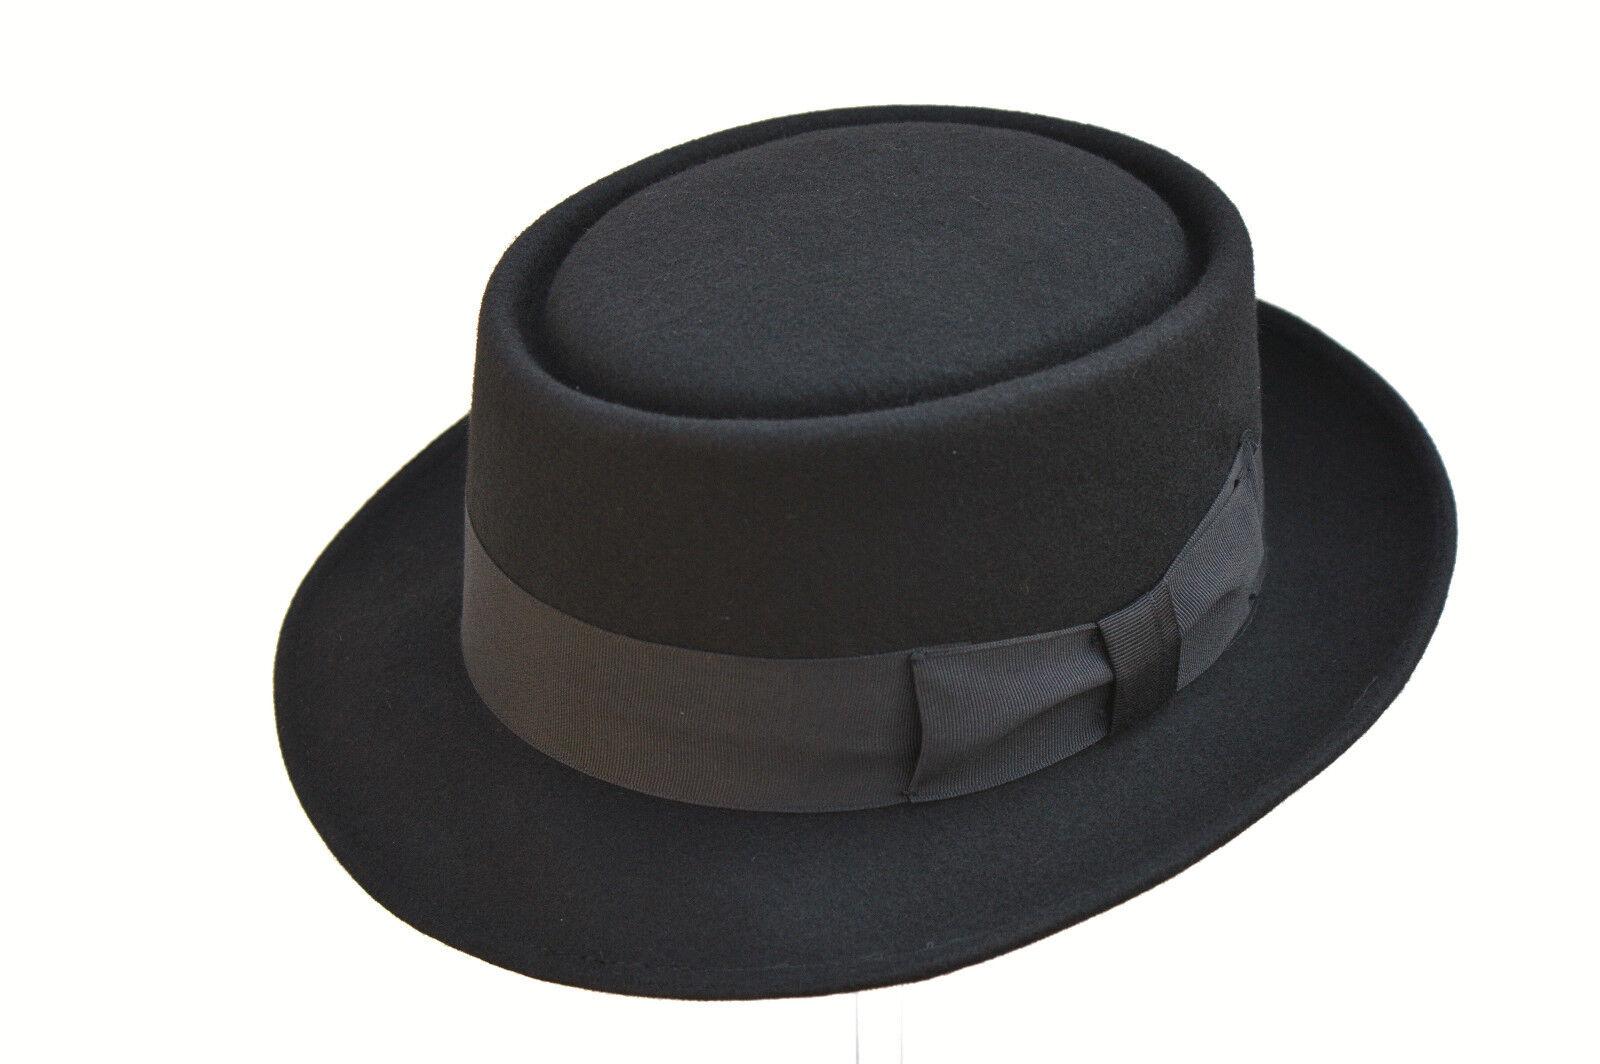 Mano negra de caballeros 100% lana hechos fieltro sombrero sombrero con  forro de Satén 1b9627a7696